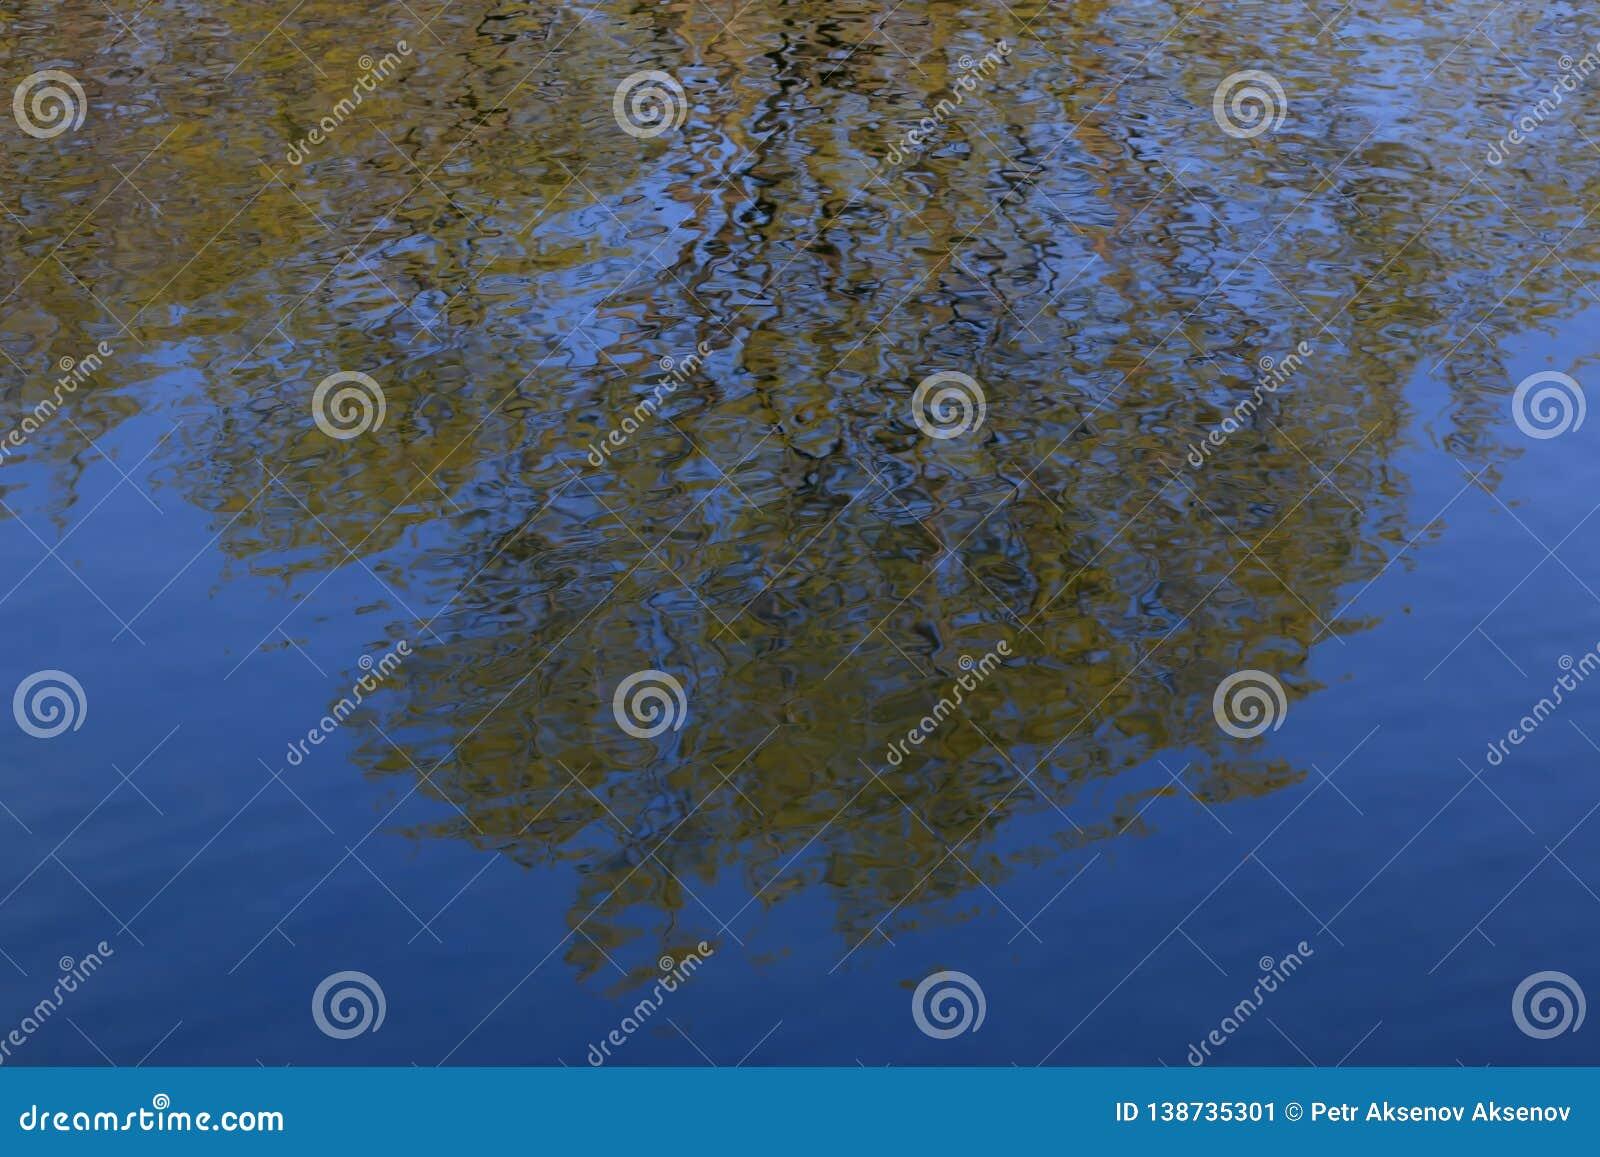 Bäume reflektiert im Wasser